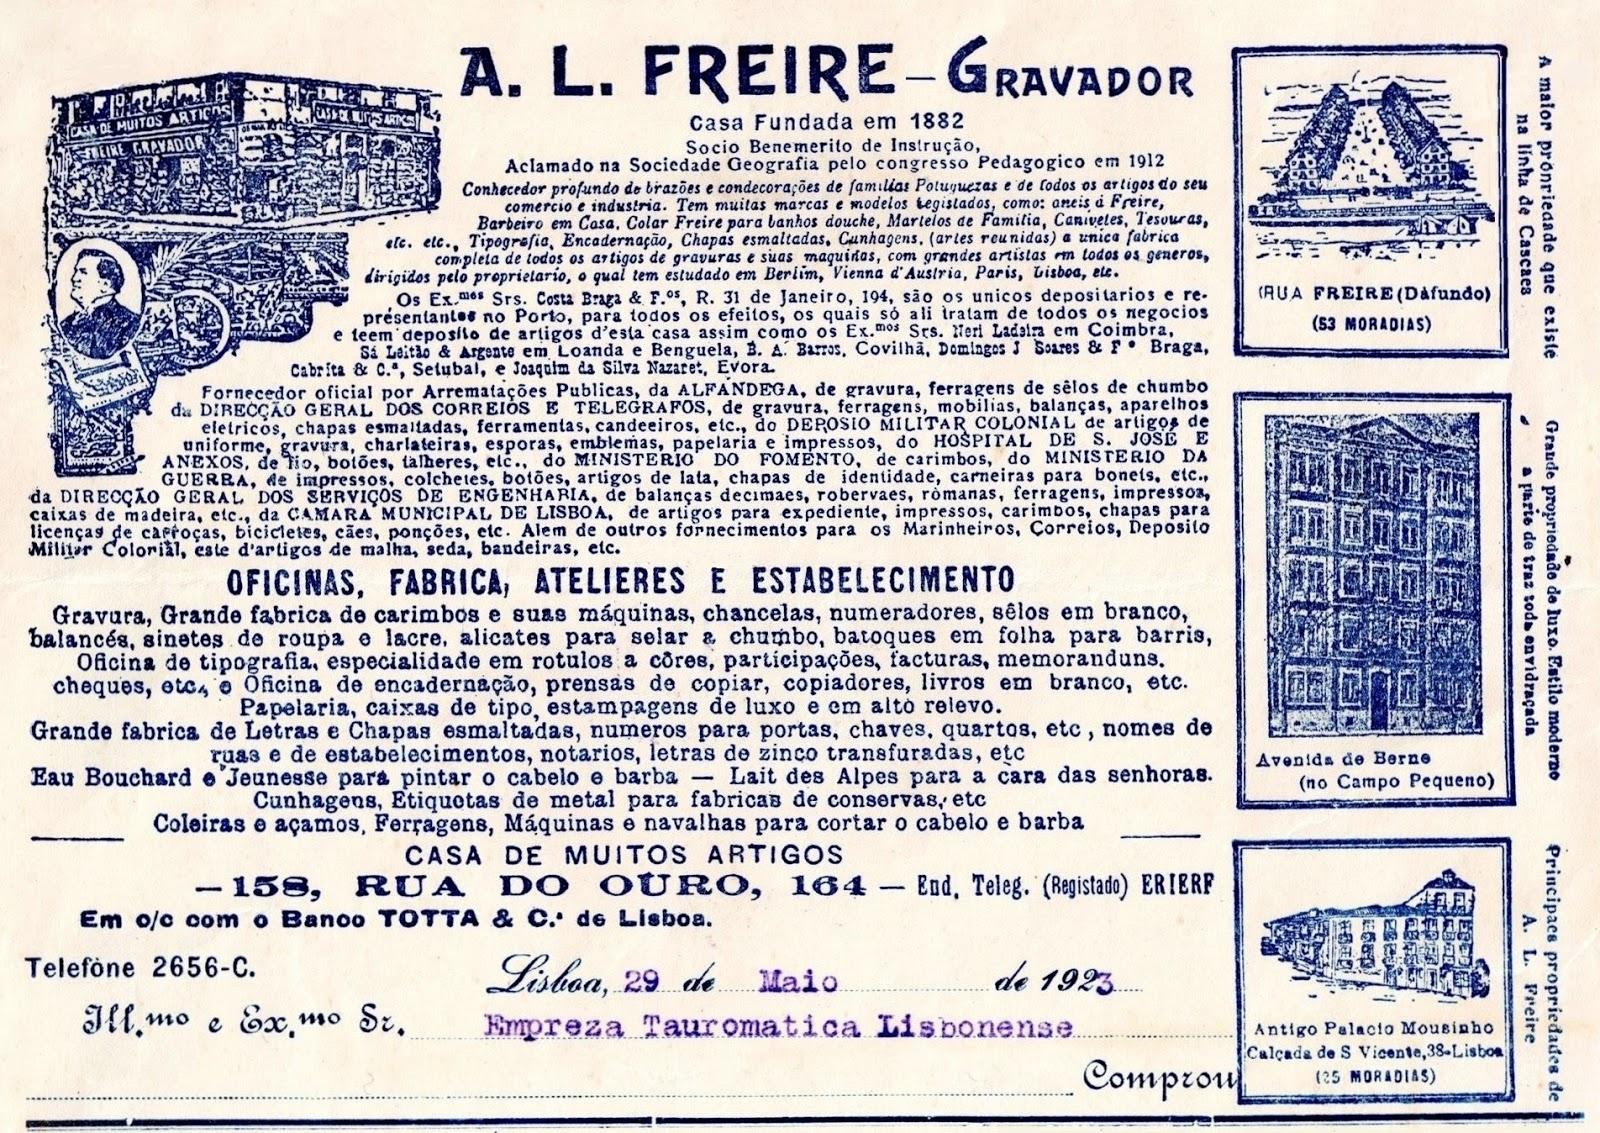 [1923-Freire-Gravador.16]